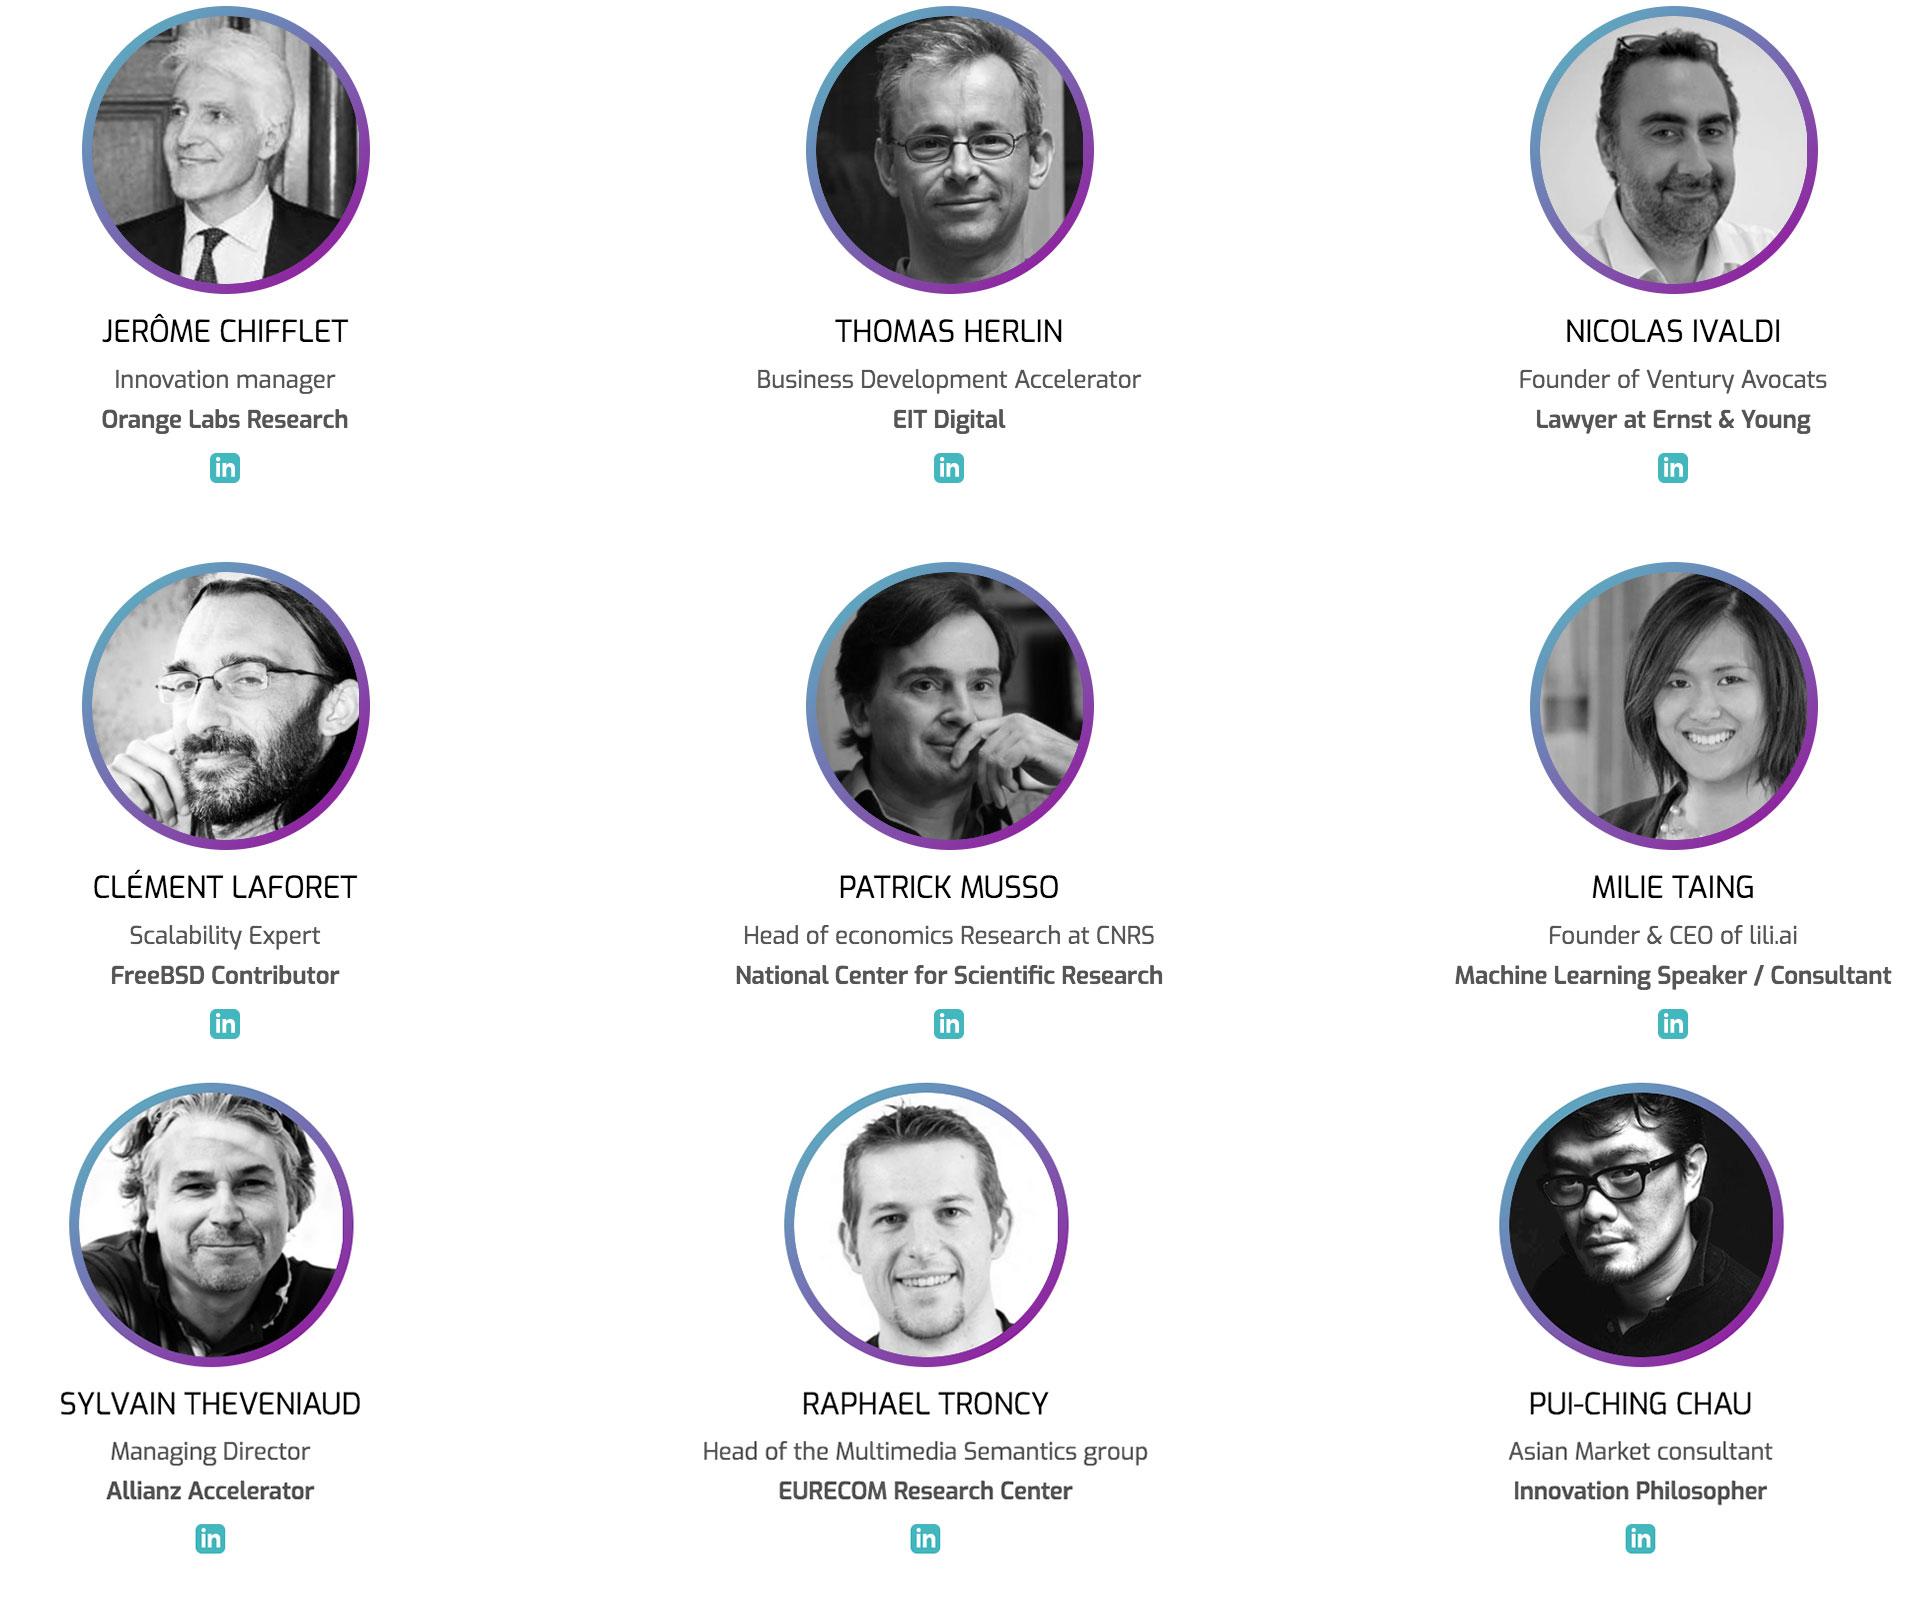 Les conseillers de l'ICO : plateforme automatisé de trading de crypto-monnaie.